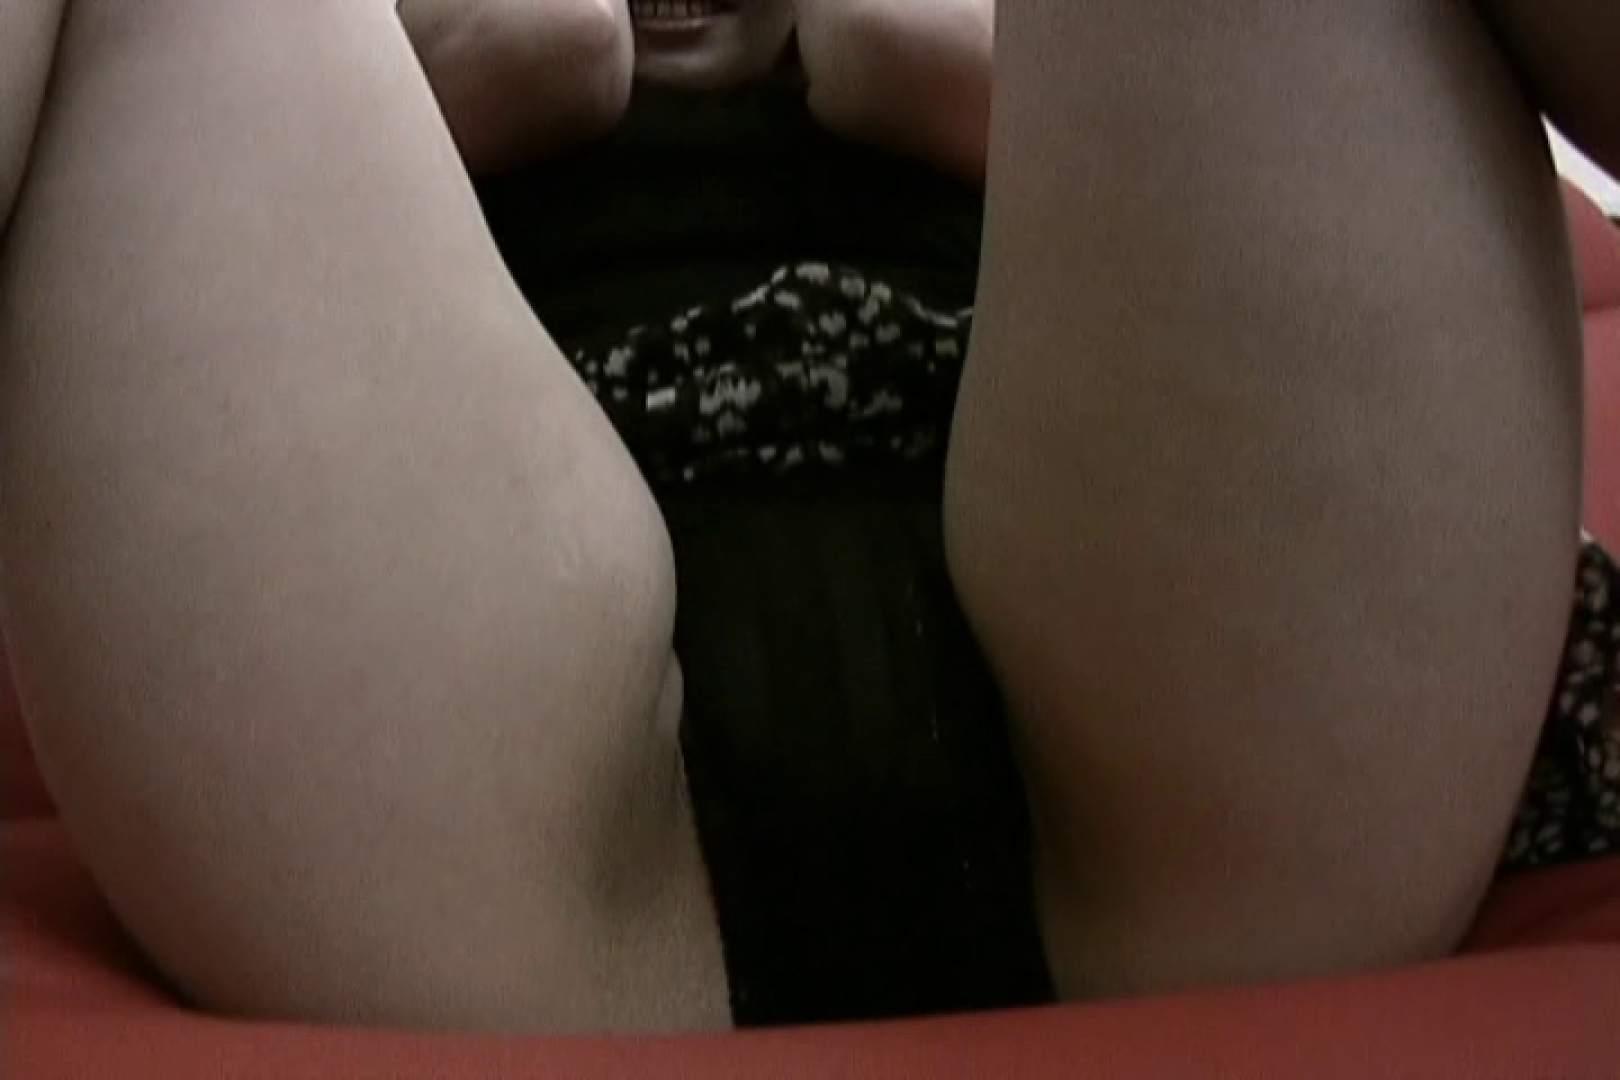 素人モデル撮っちゃいました kana02 すけべな女子大生 のぞき動画画像 109画像 80